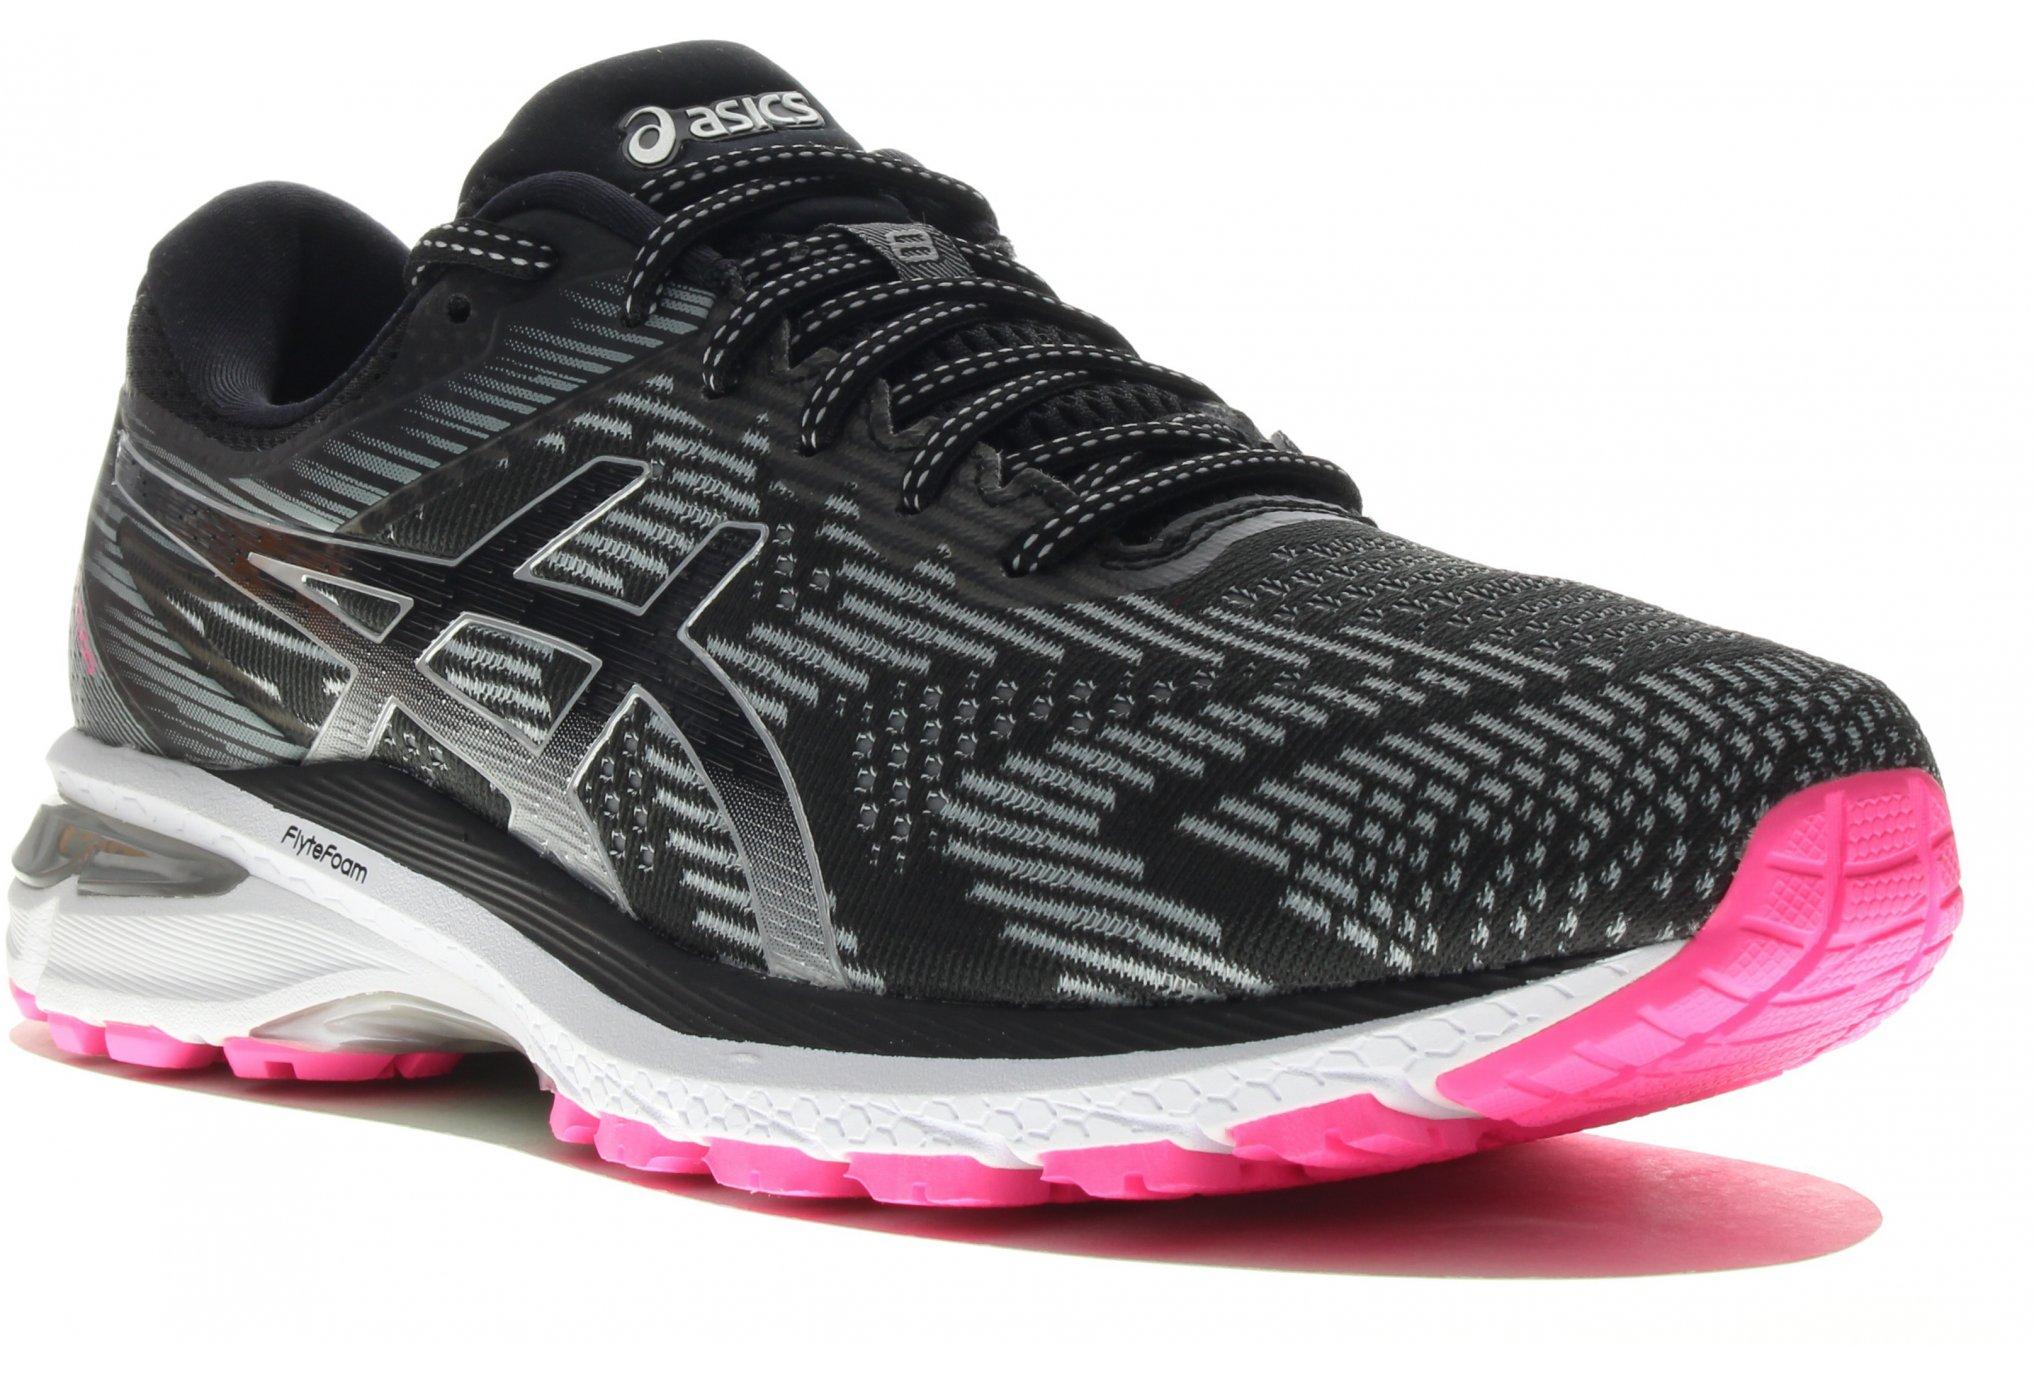 Asics GT-2000 8 Expert W Chaussures running femme